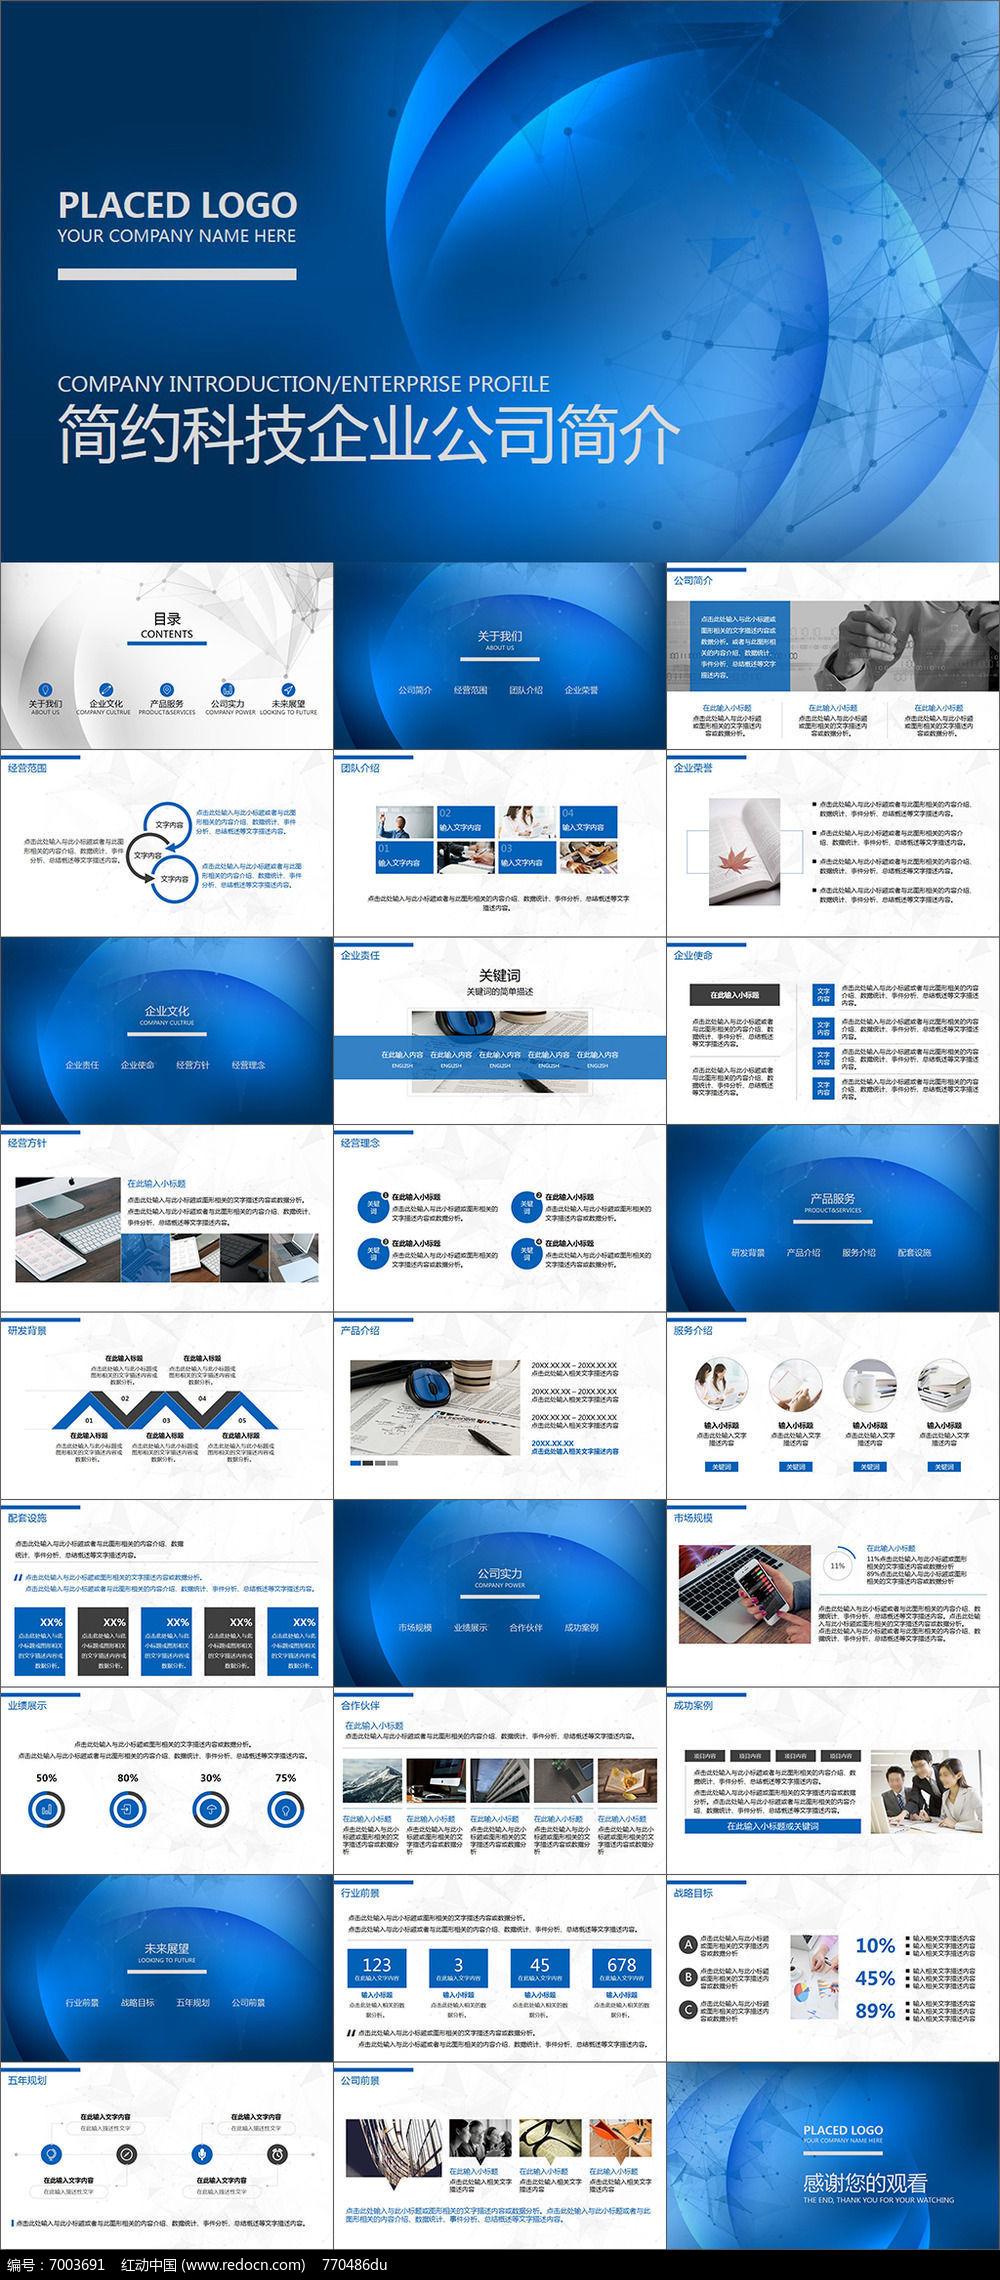 简约科技蓝色企业介绍公司简介ppt模板